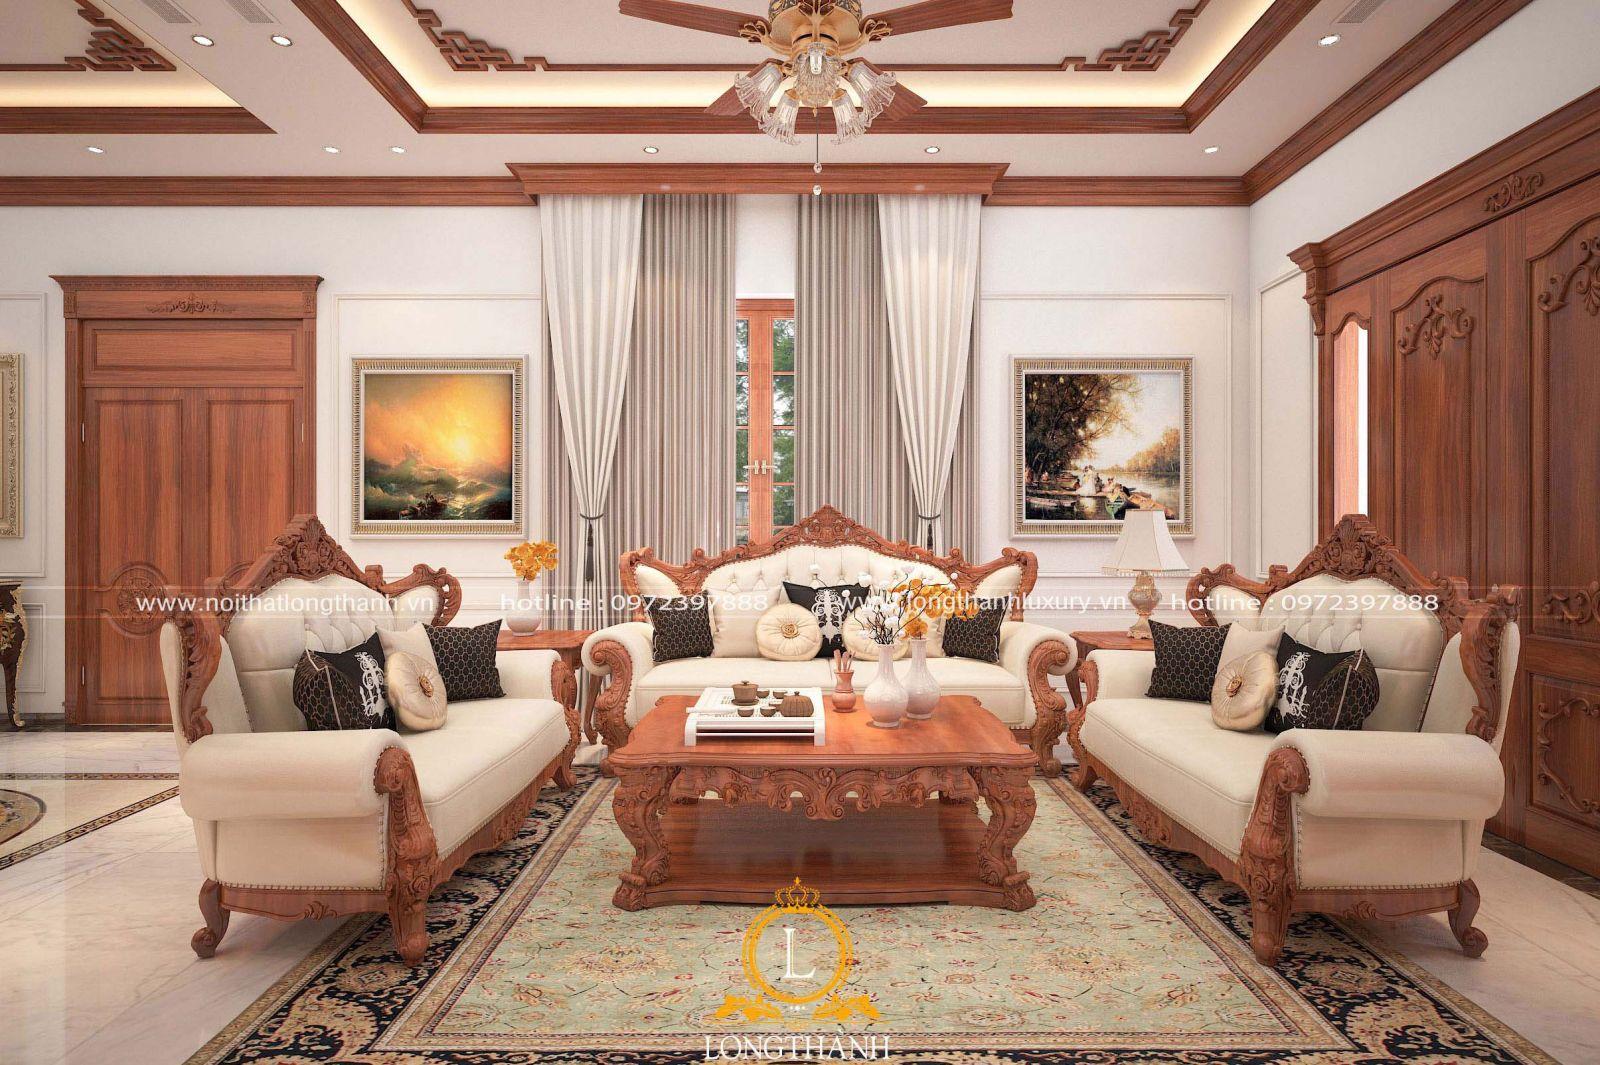 Những mẫu thảm trải sàn đẹp cho phòng khách tân cổ điển